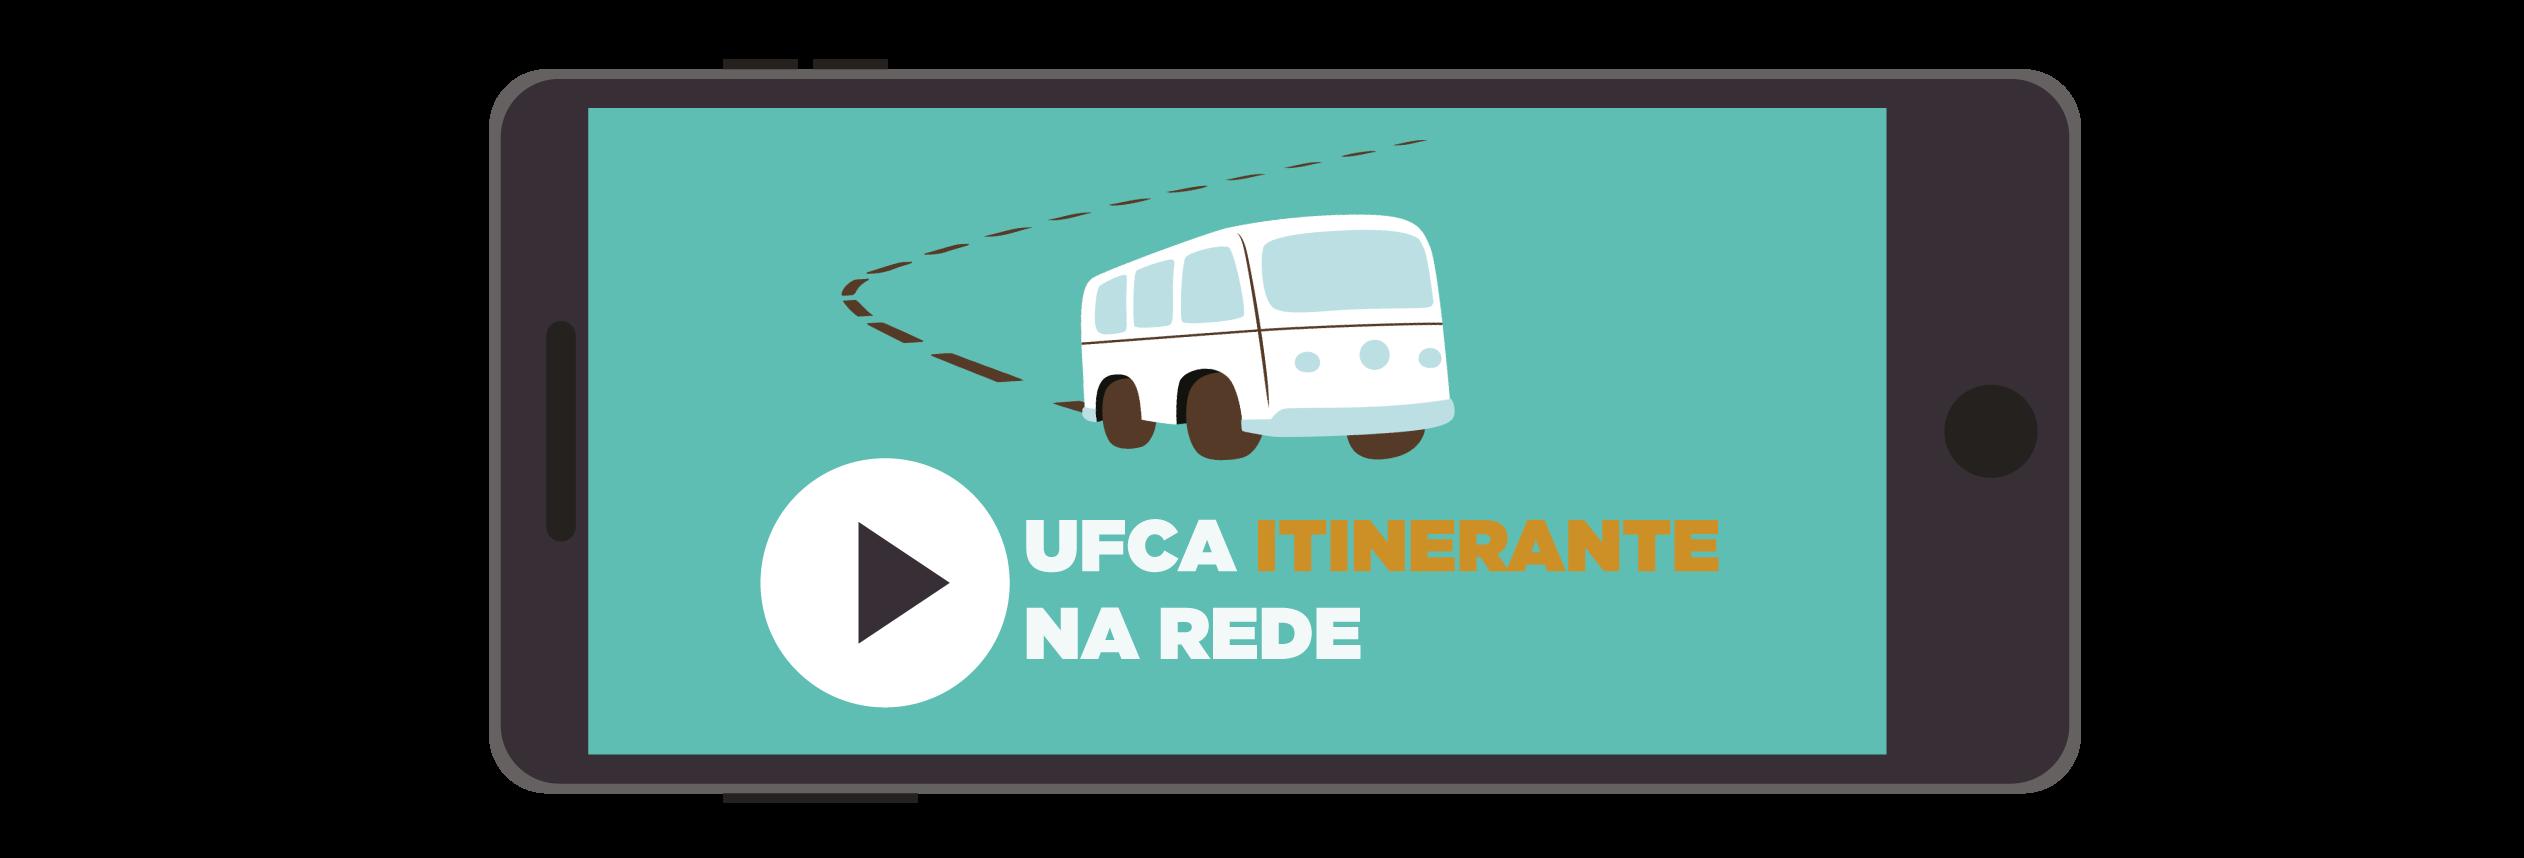 Banner UFCA Itinerante na Rede_Prancheta 1_Prancheta 1_Prancheta 1_Prancheta 1